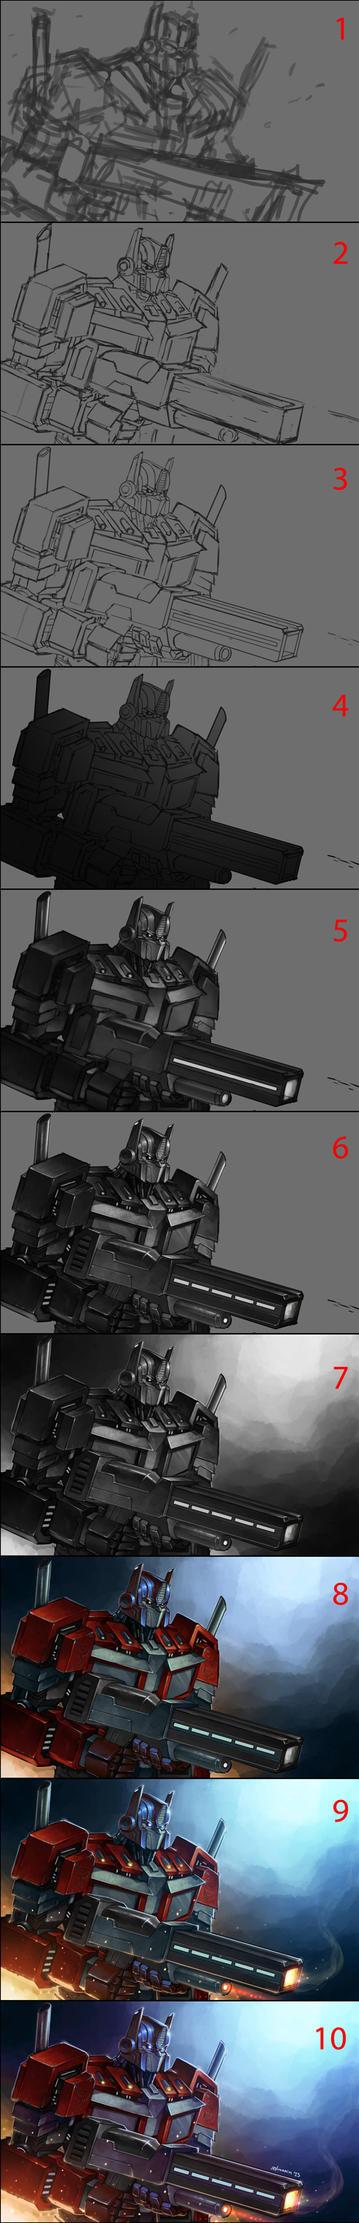 Optimus Prime step by step by Novanim